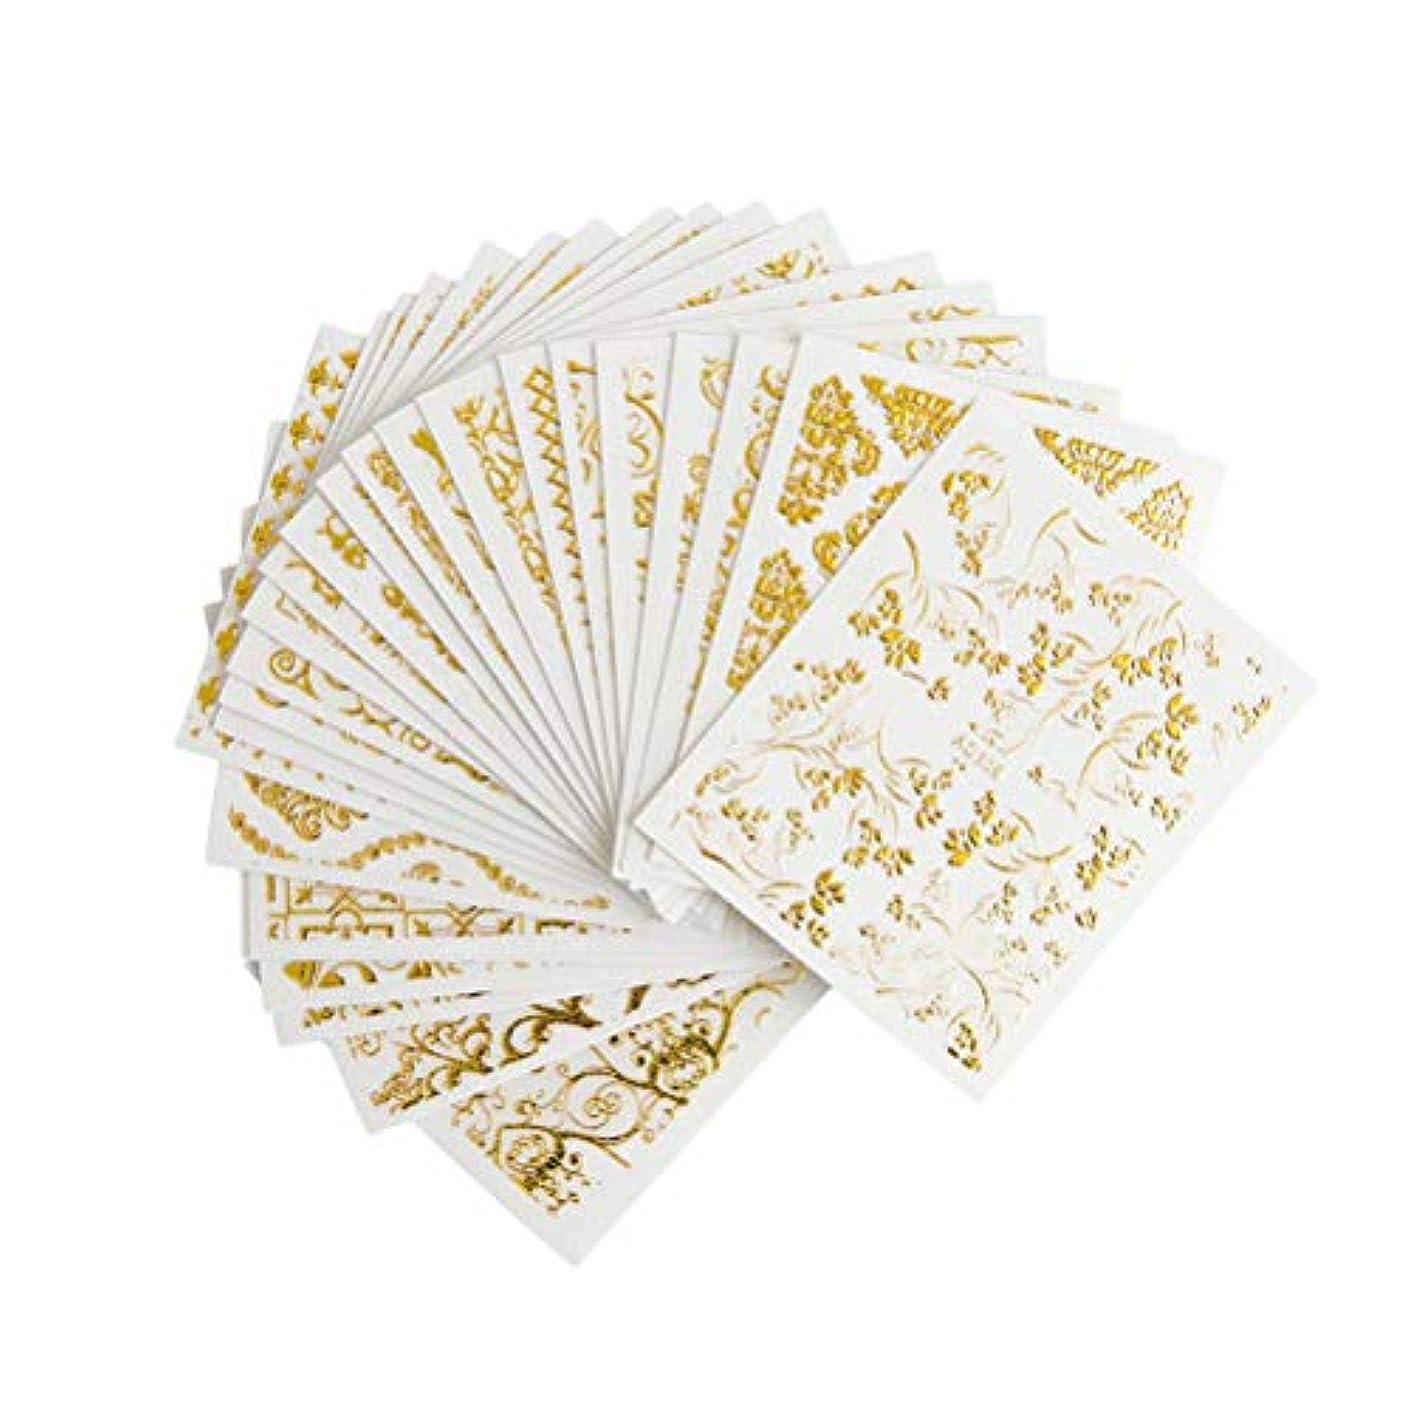 歌費やす否認するFrcolor ネイルシール 3D ネイルステッカーセット レース花 ゴールド デザイン ネイルアートシール 爪に貼るだけ 20枚セット(ランダムパターン)